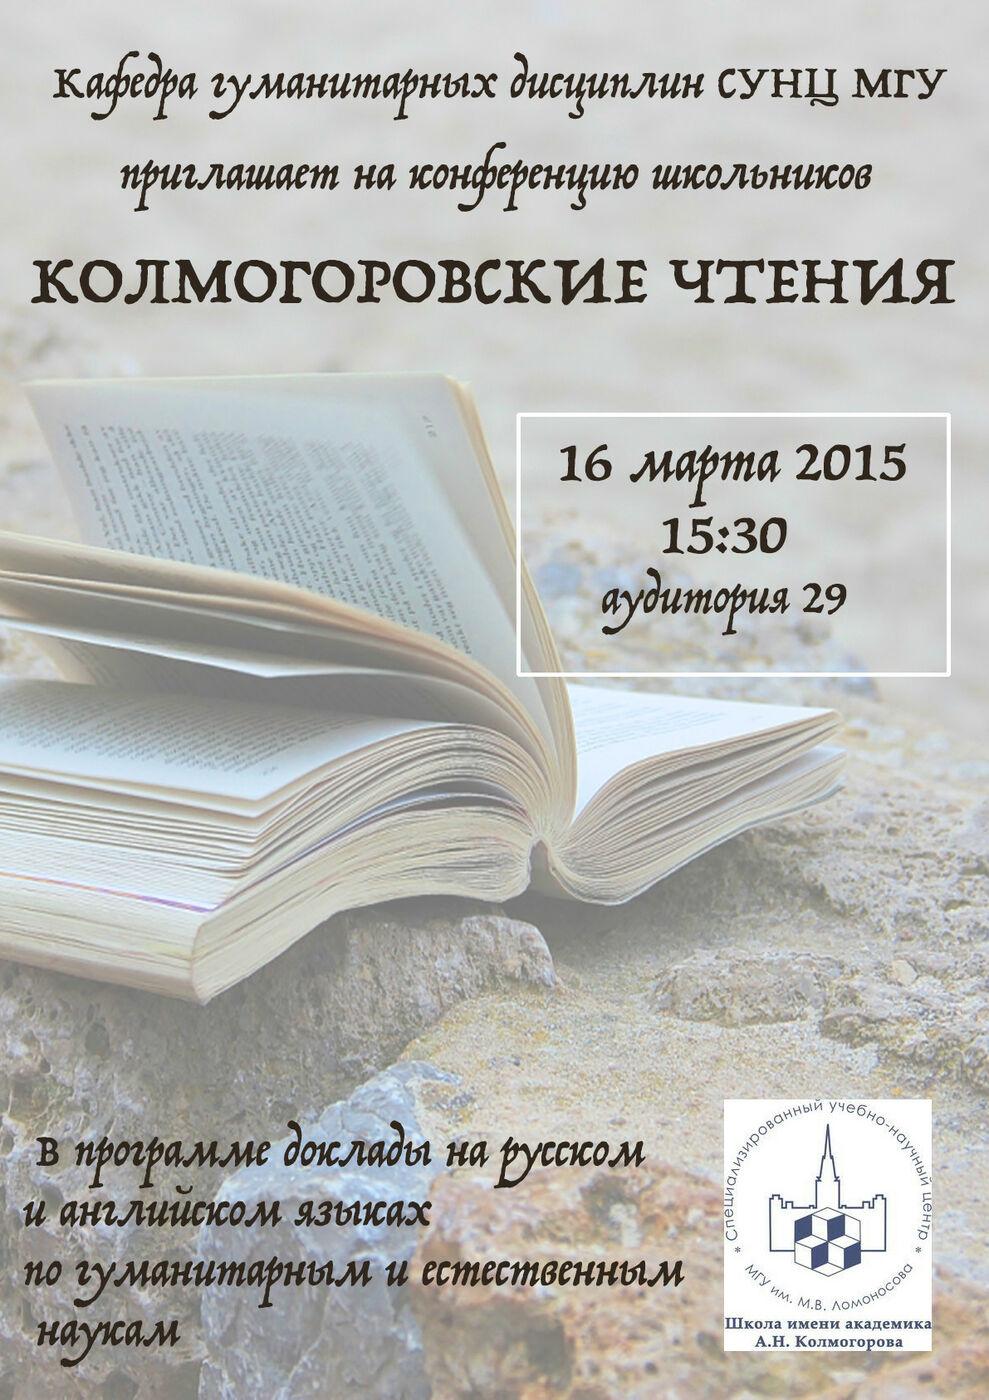 Колмогоровские чтения на кафедре гуманитарных дисциплин